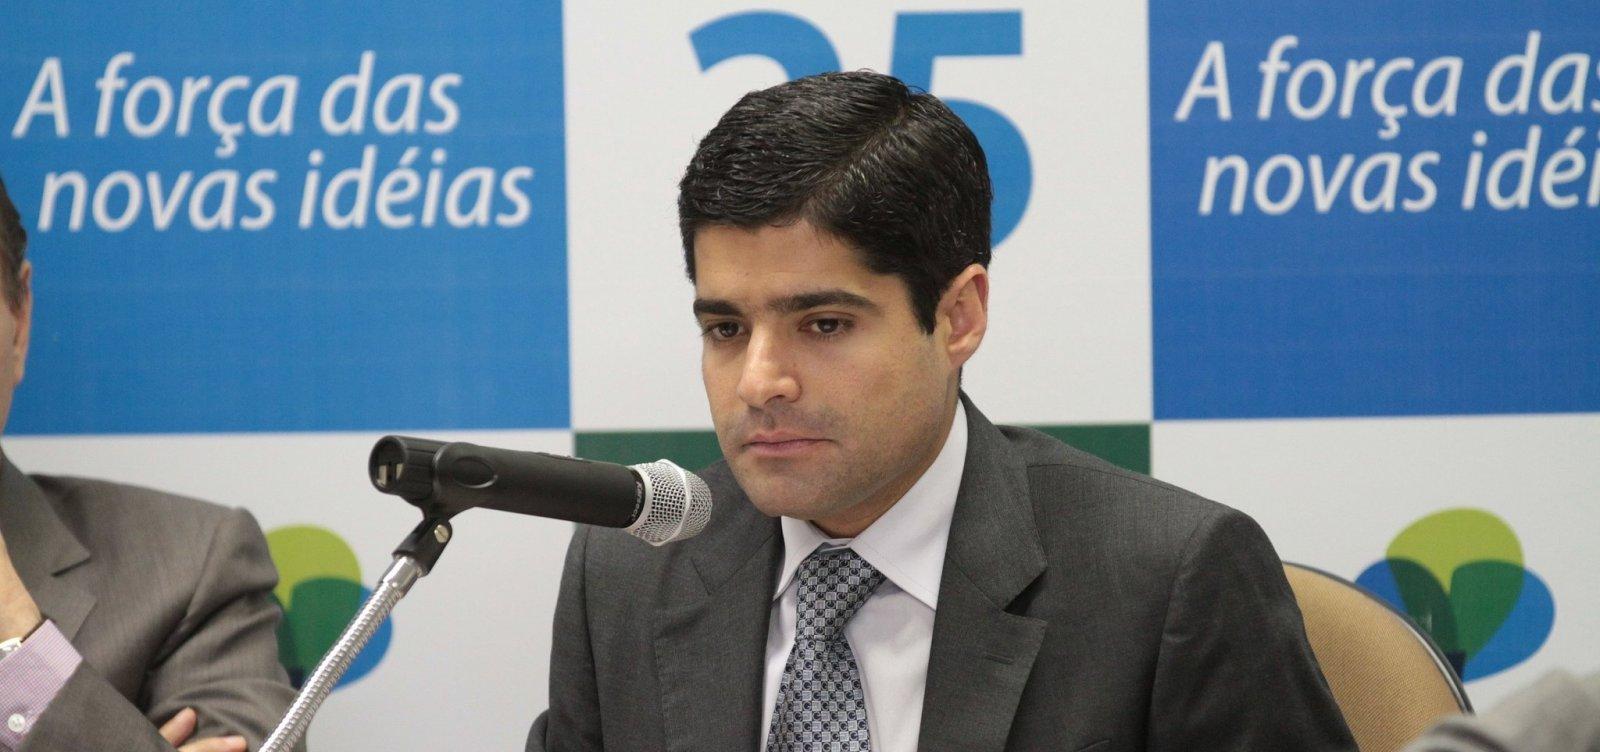 [ACM Neto mantém mistério sobre reunião com cúpula de Bolsonaro]